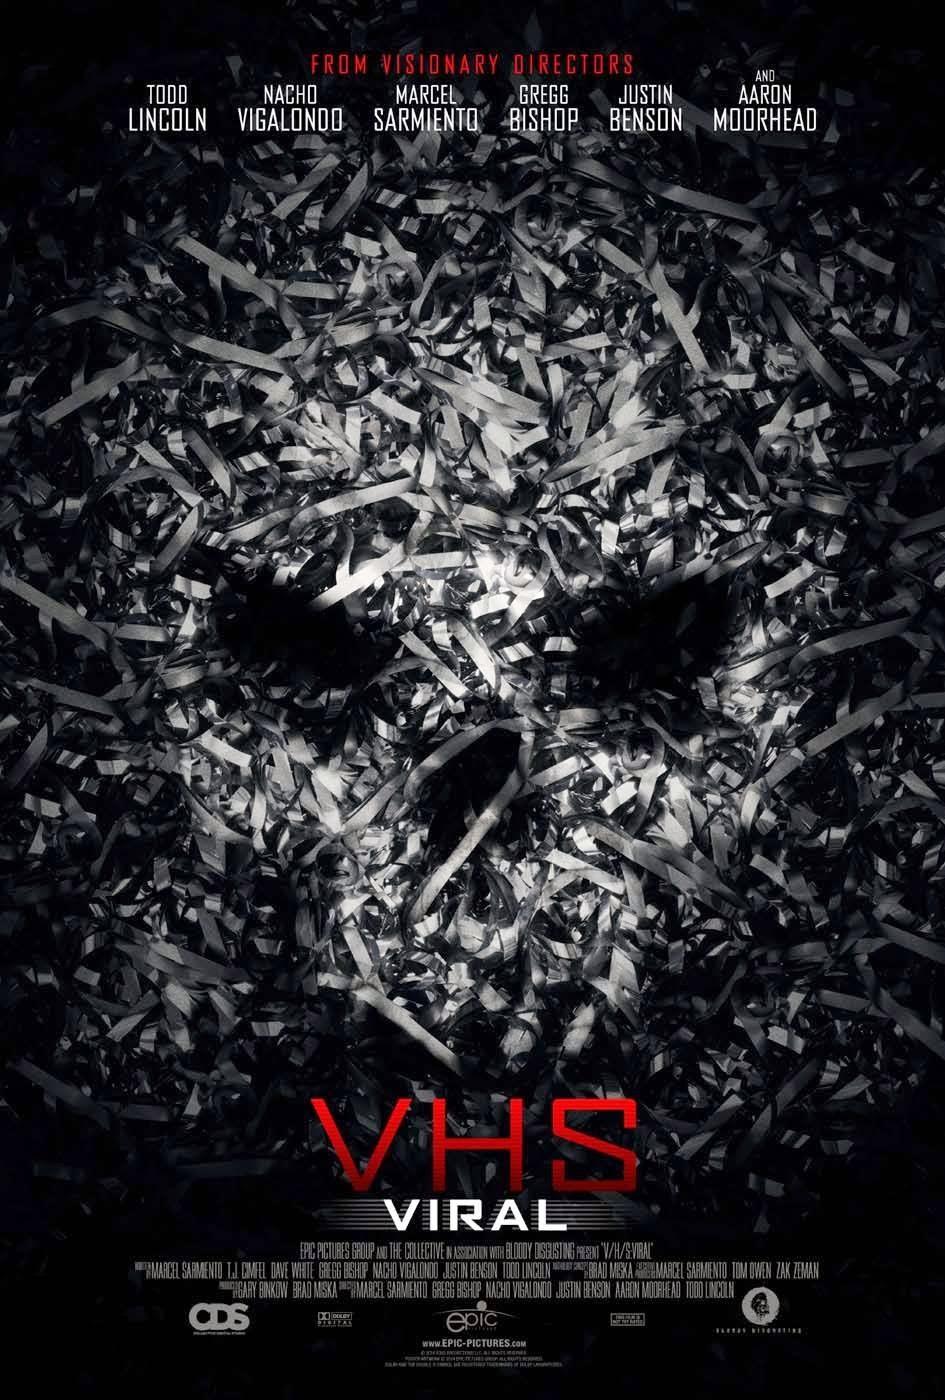 V/H/S viral : 0 y van 3